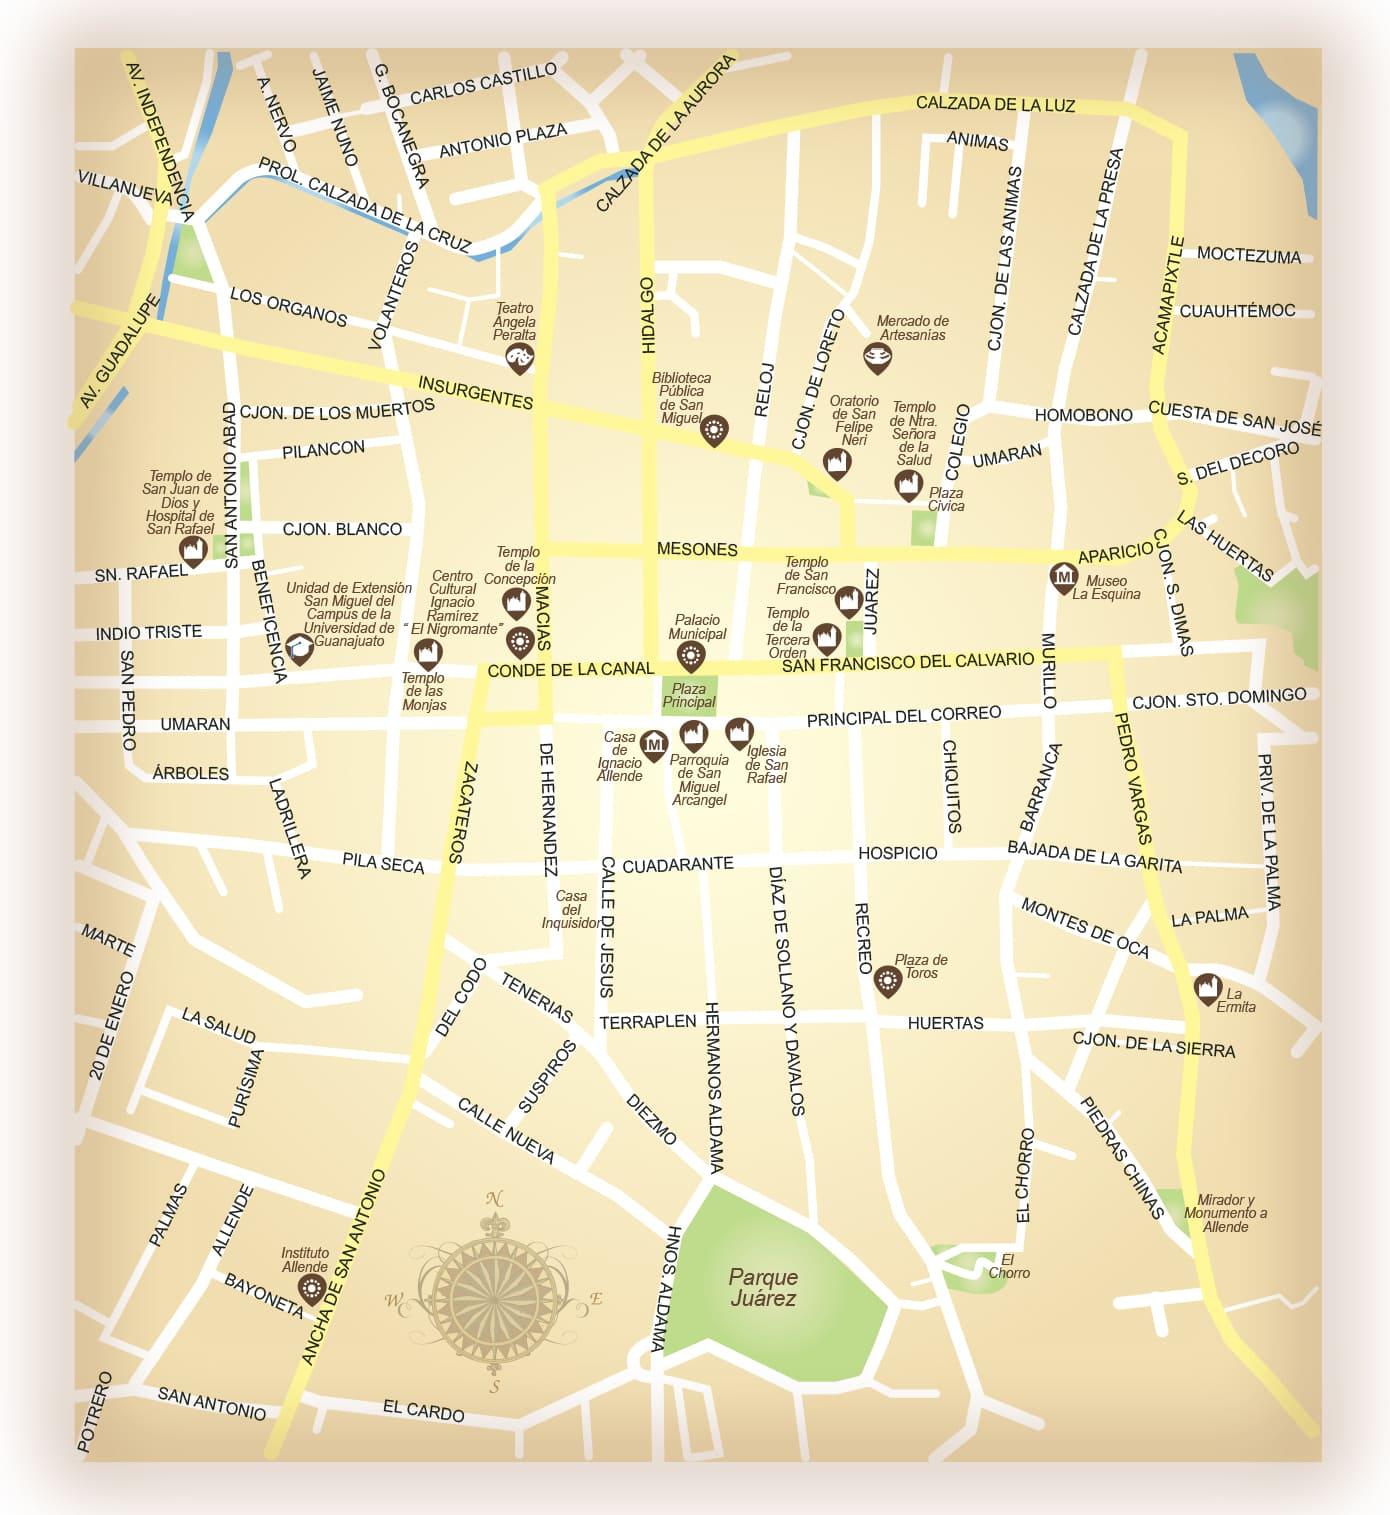 Index of /descubre-mexico/mapas/san-miguel-de-allende on ixtapan de la sal mexico map, excellence resorts mexico map, plaza garibaldi mexico map, ayotzinapa mexico map, tequesquitengo mexico map, anenecuilco mexico map, lagos de moreno mexico map, tenayuca mexico map, san miguel cozumel mexico map, punta chivato mexico map, chilapa mexico map, allende coahuila mexico map, lake cuitzeo mexico map, guanajuato mexico map, mazamitla mexico map, torreón mexico map, valle de bravo mexico map, colima volcano mexico map, coba mexico map, tulancingo mexico map,